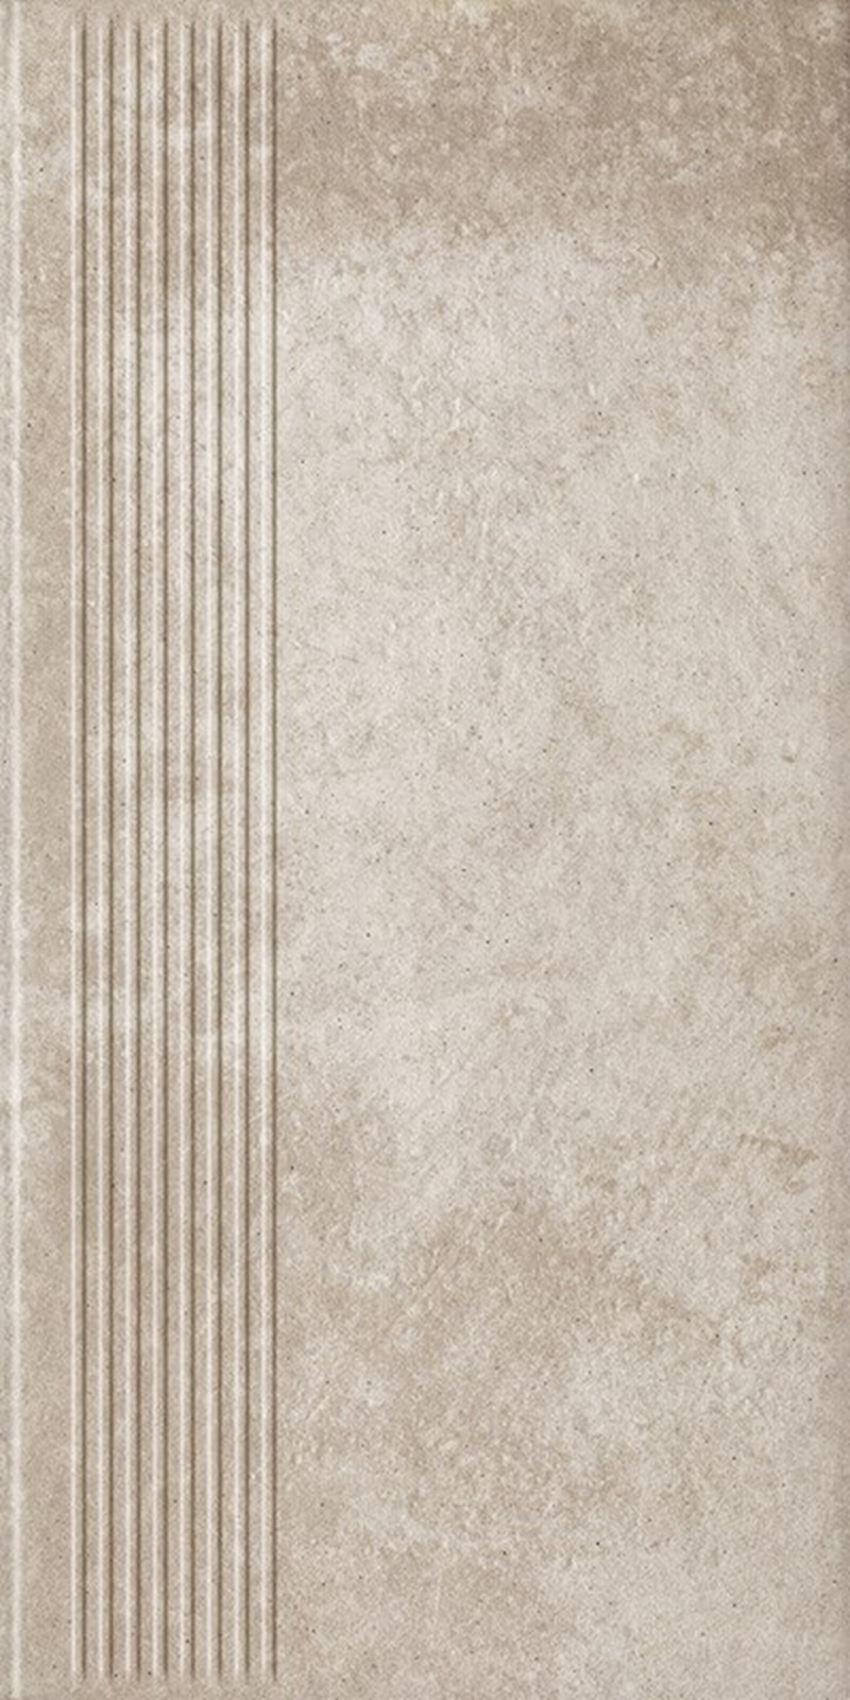 Płytka stopnicowa 30x60 cm Paradyż Viano Beige Stopnica Prosta